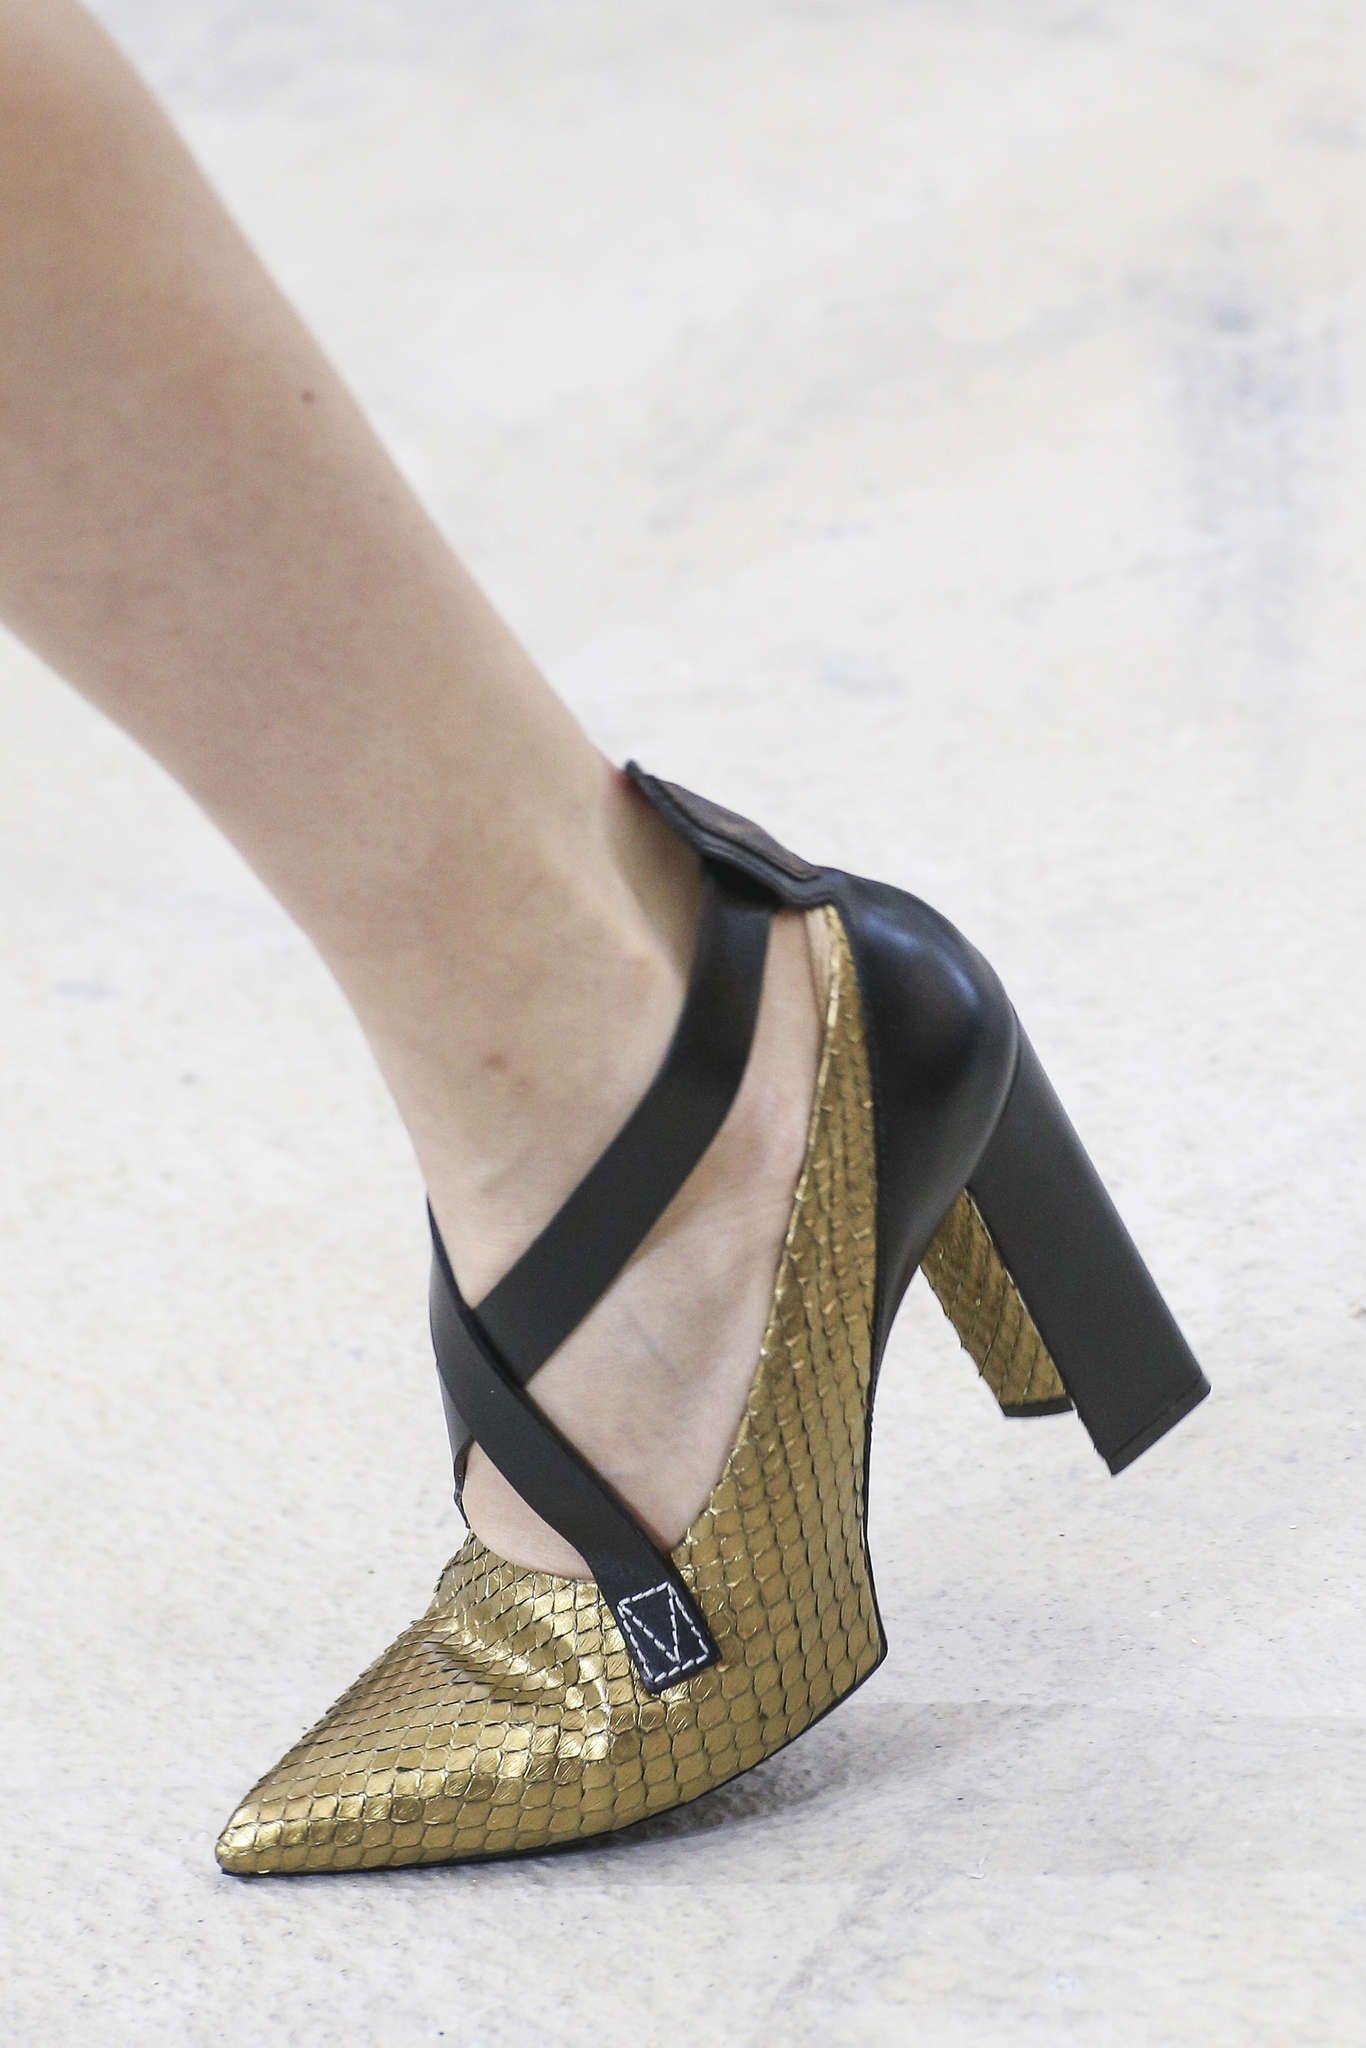 Shoe Louis Vuitton S-S 17